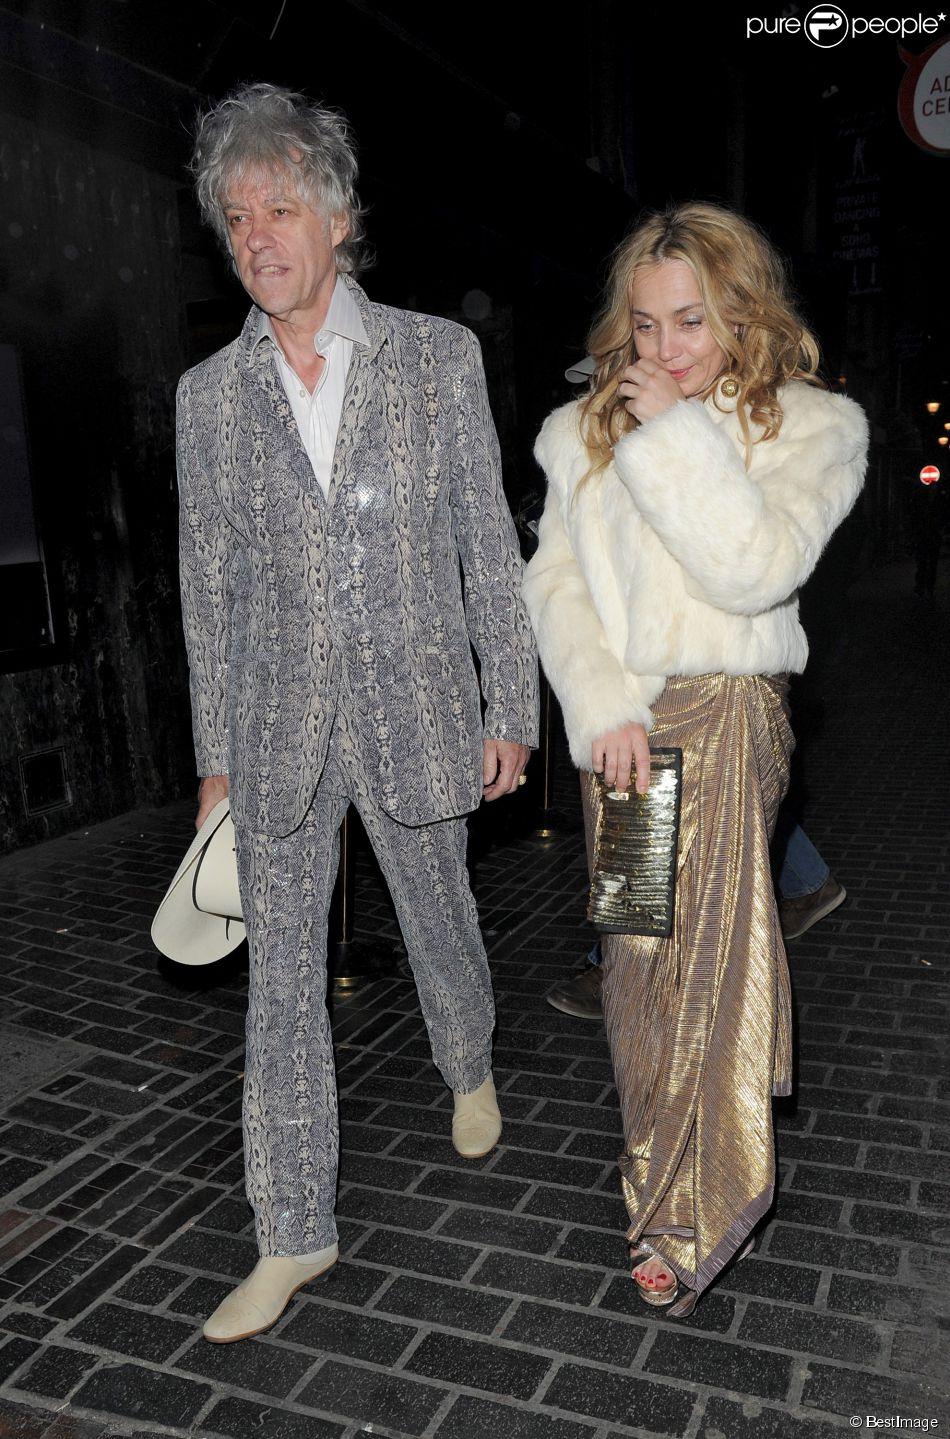 Bob Geldof et sa compagne lors d'une soirée à Londres, le 30 avril 2013.